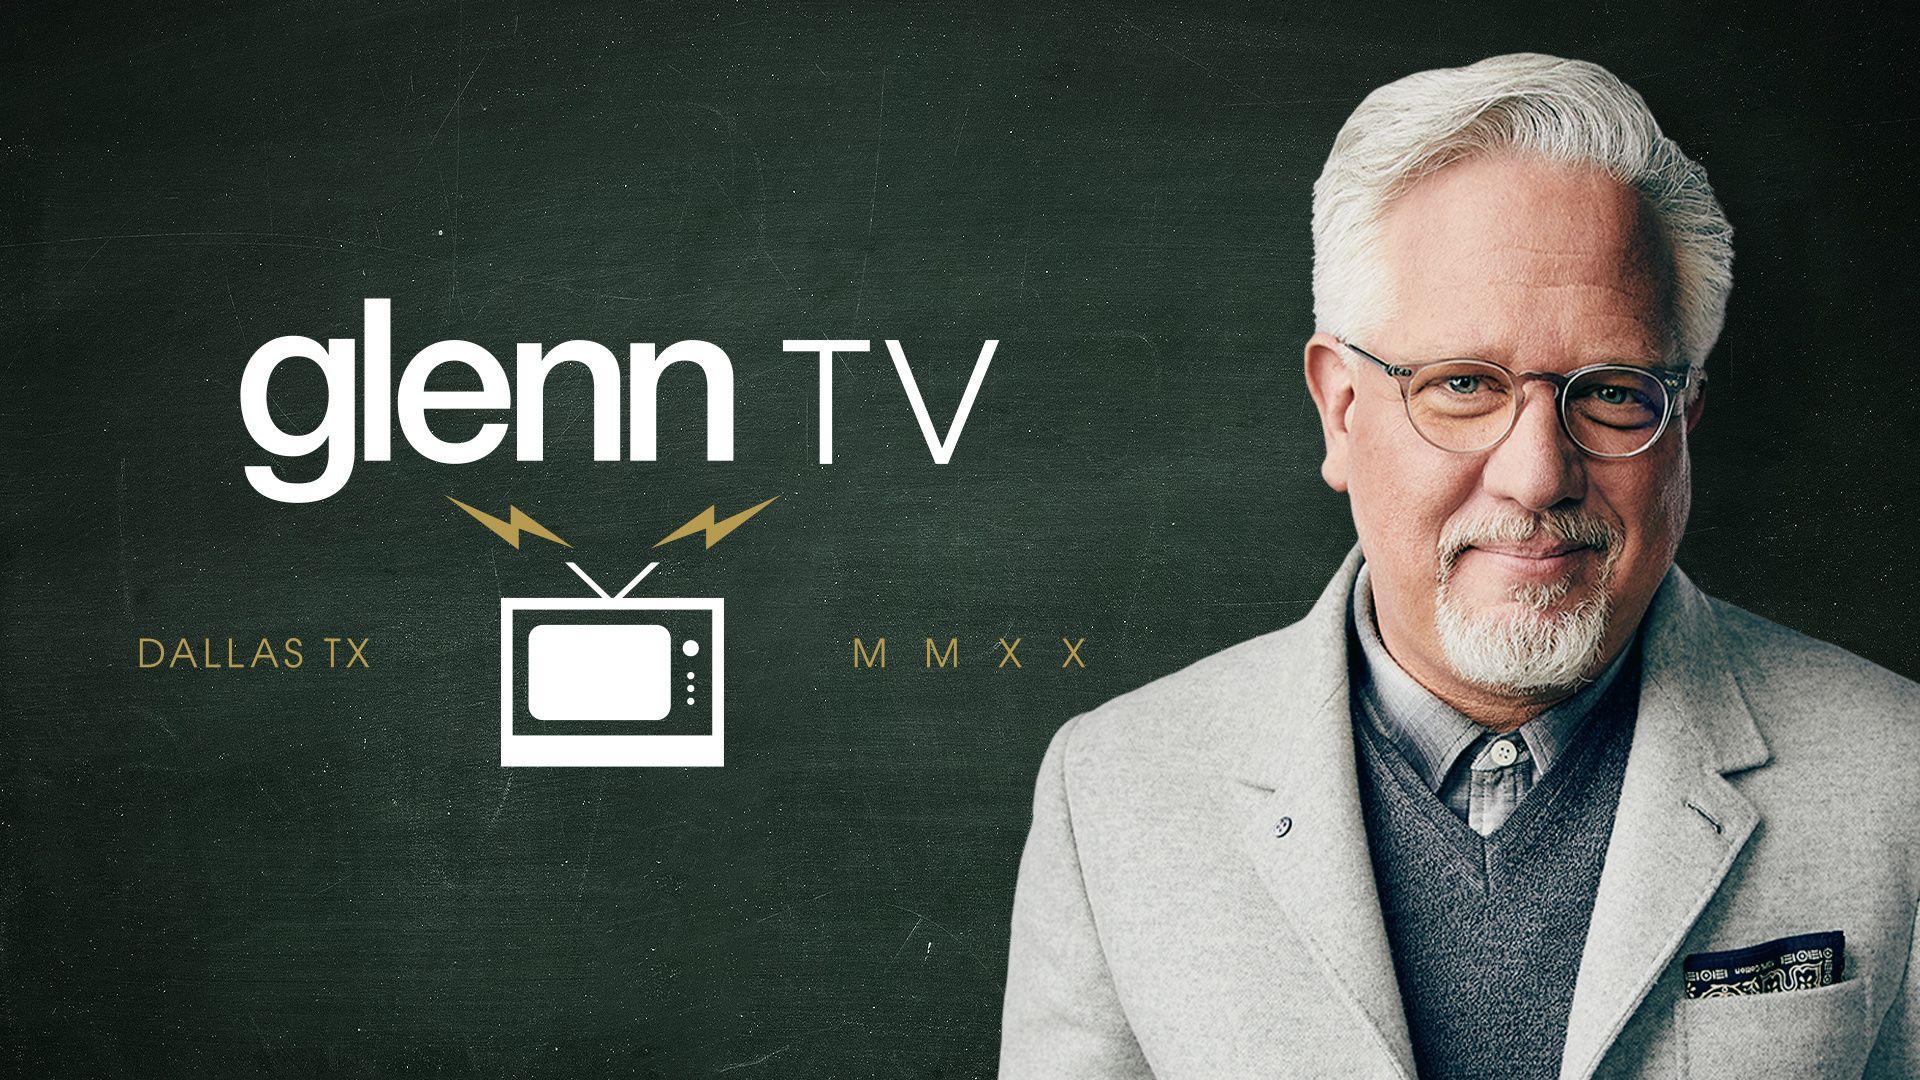 Glenn TV